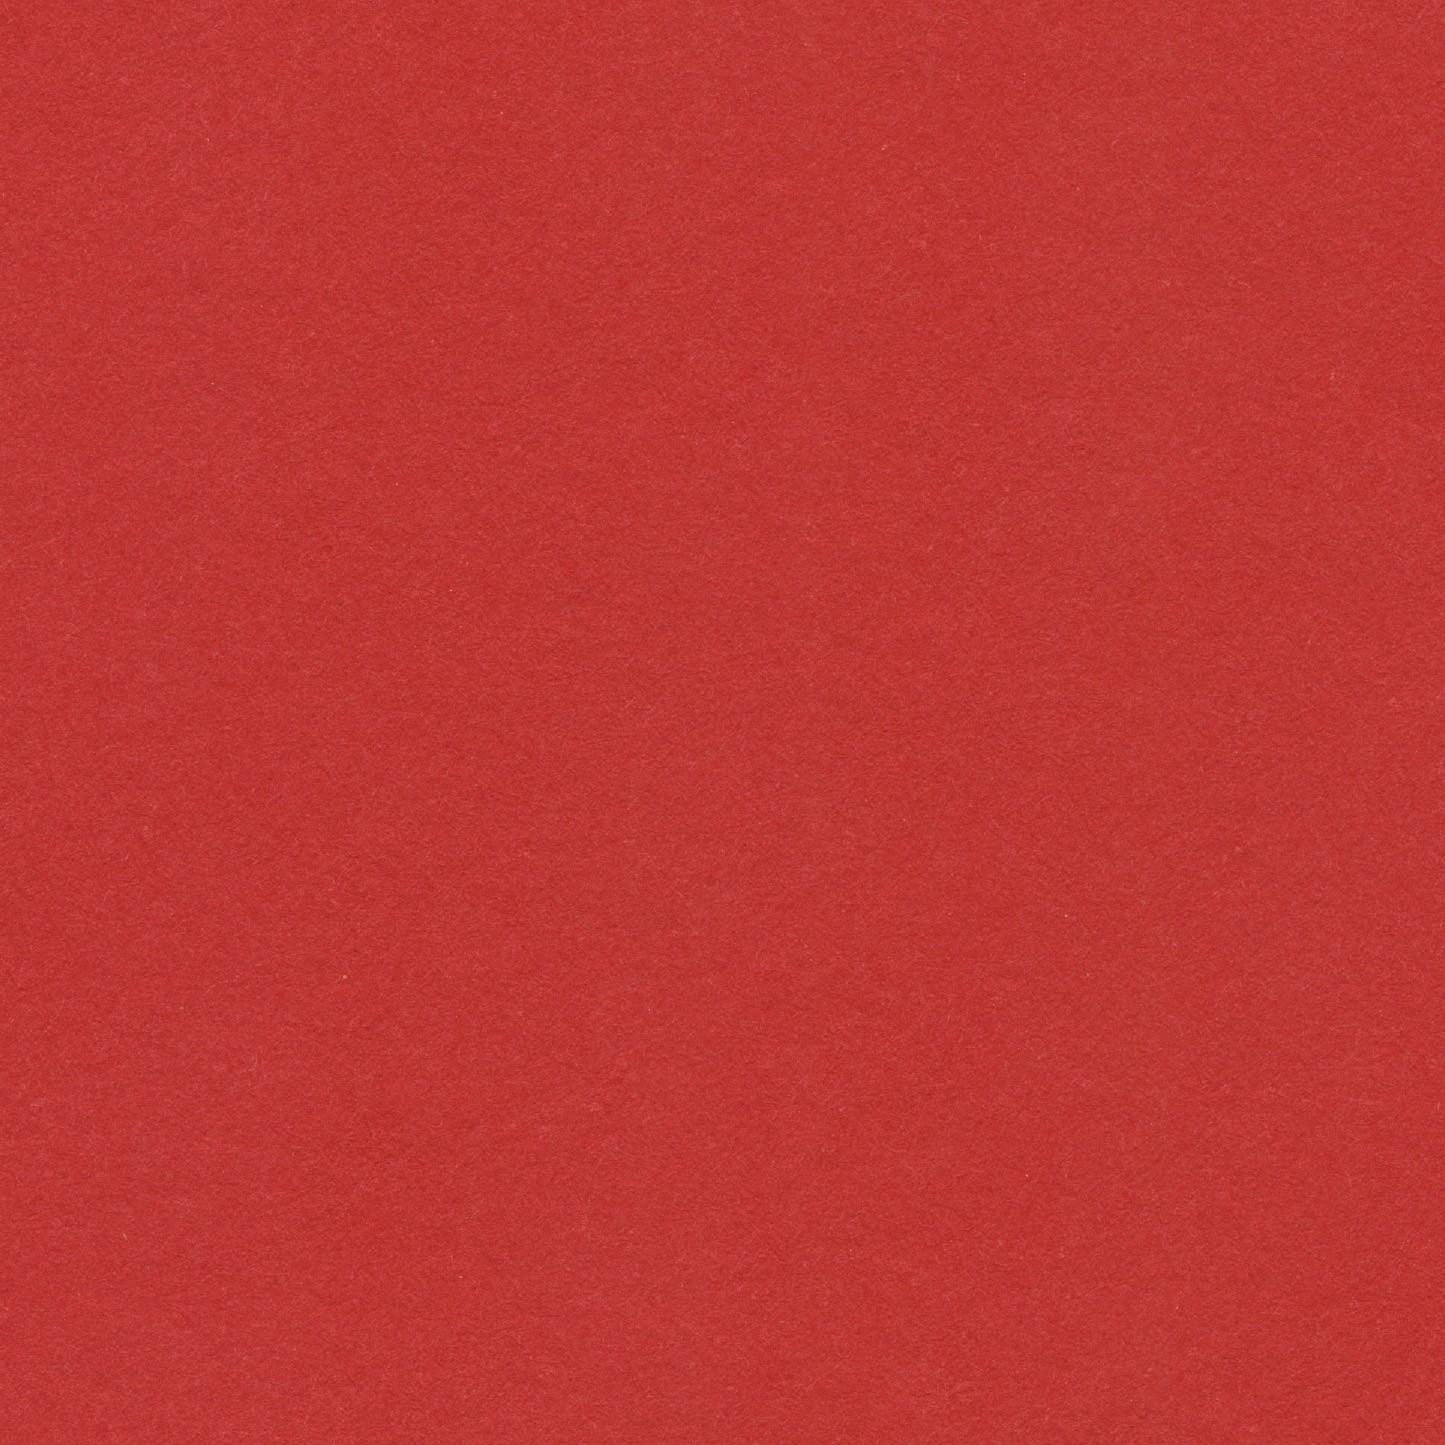 Translucent - Red 100gsm